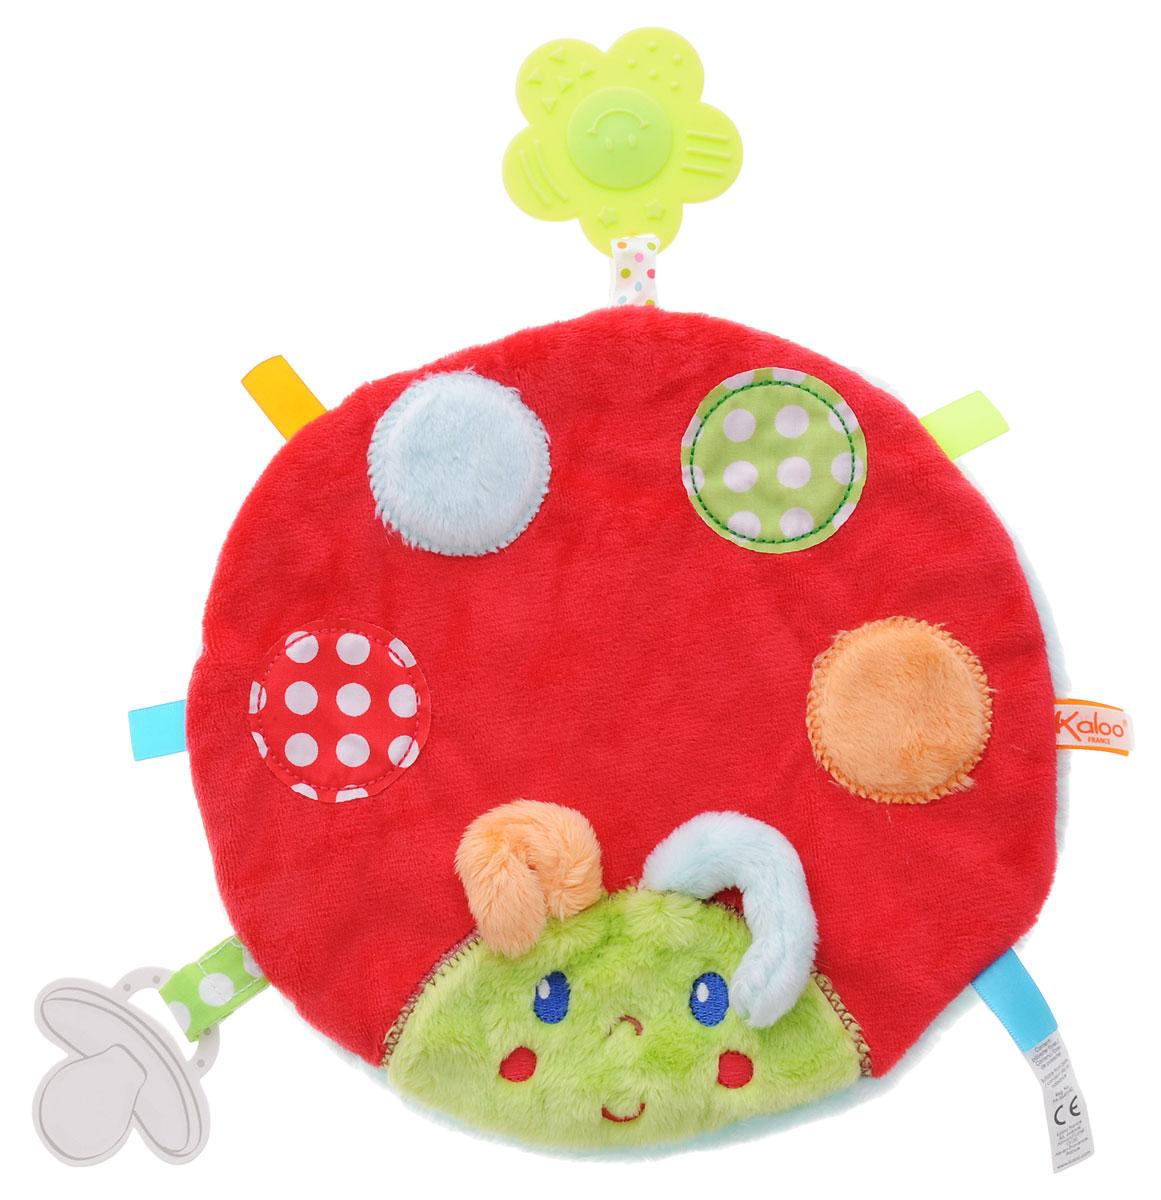 Kaloo Игрушка-комфортер Божья коровкаK963334Комфортер Kaloo Божья коровка позволит малышу спокойно и сладко уснуть и на долгое время станет его постоянным спутником. Особенность игрушки-комфортера состоит в том, что сначала маме необходимо некоторое время подержать игрушку рядом с собой для того, чтобы она впитала материнский запах. После чего игрушку можно дать и малышу. Младенцу будет очень комфортно засыпать с такой игрушкой, она позволит ему быстро успокоиться и сладко заснуть. Со временем комфортер станет не просто игрушкой для сна, но и любимым защитником от плохих сновидений и детских страхов. Игрушку приятно держать в руках и прижимать к себе. Выполнена из безопасных материалов в виде милой божьей коровки.